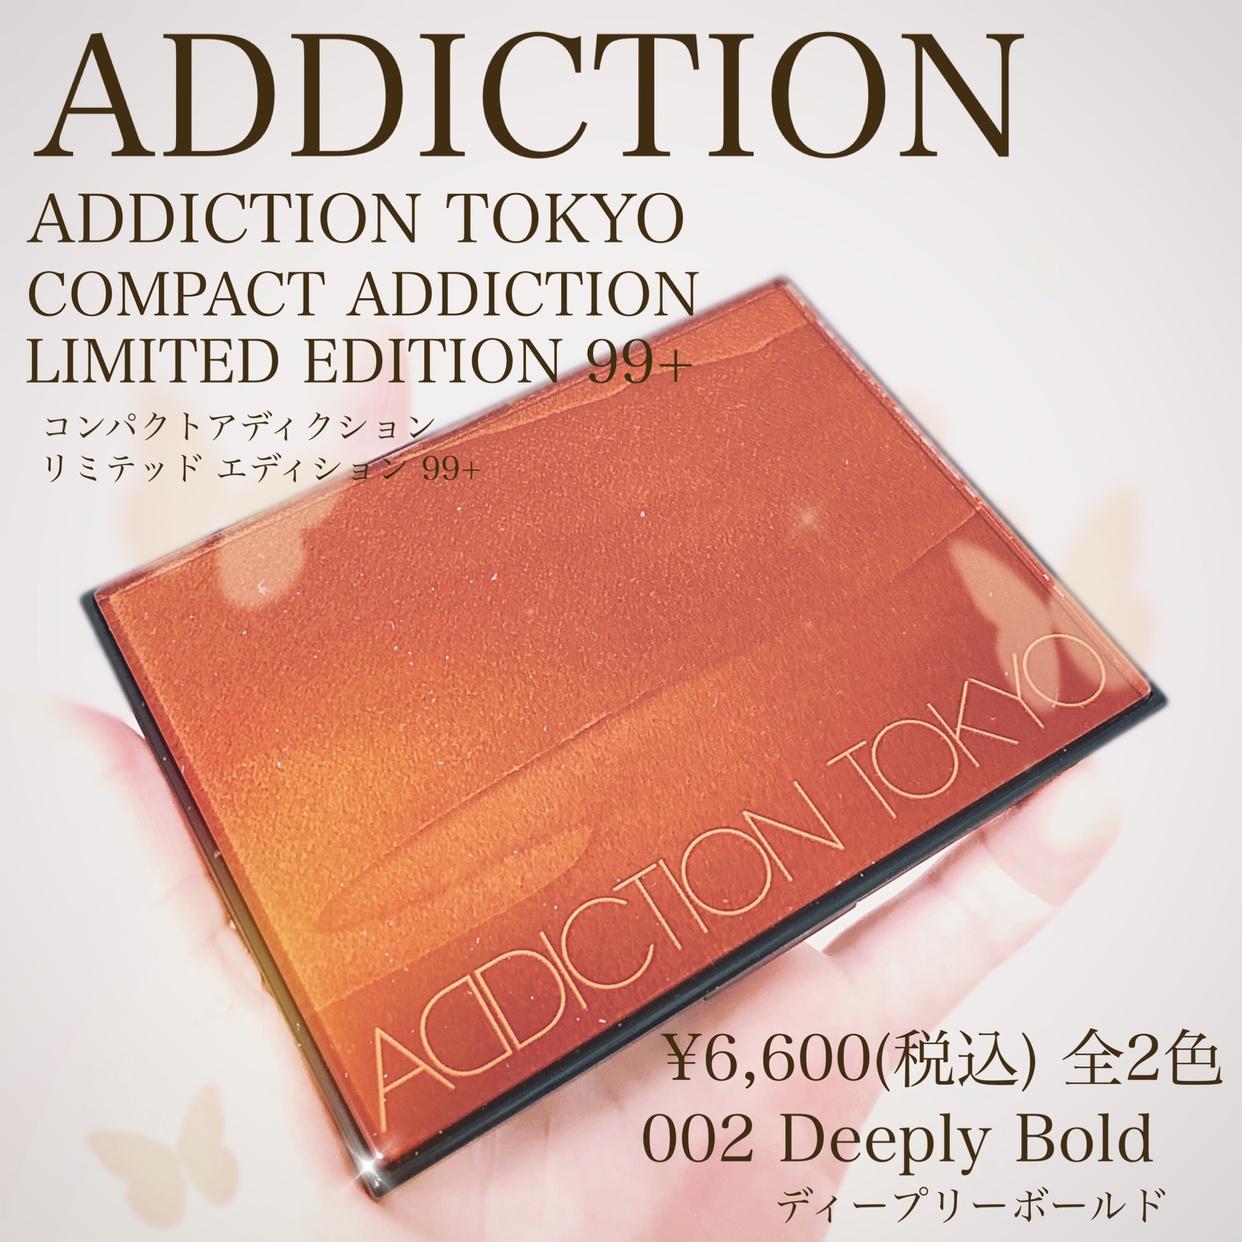 ADDICTION(アディクション) コンパクトアディクション リミテッド エディション 99+を使ったちさくまさんのクチコミ画像